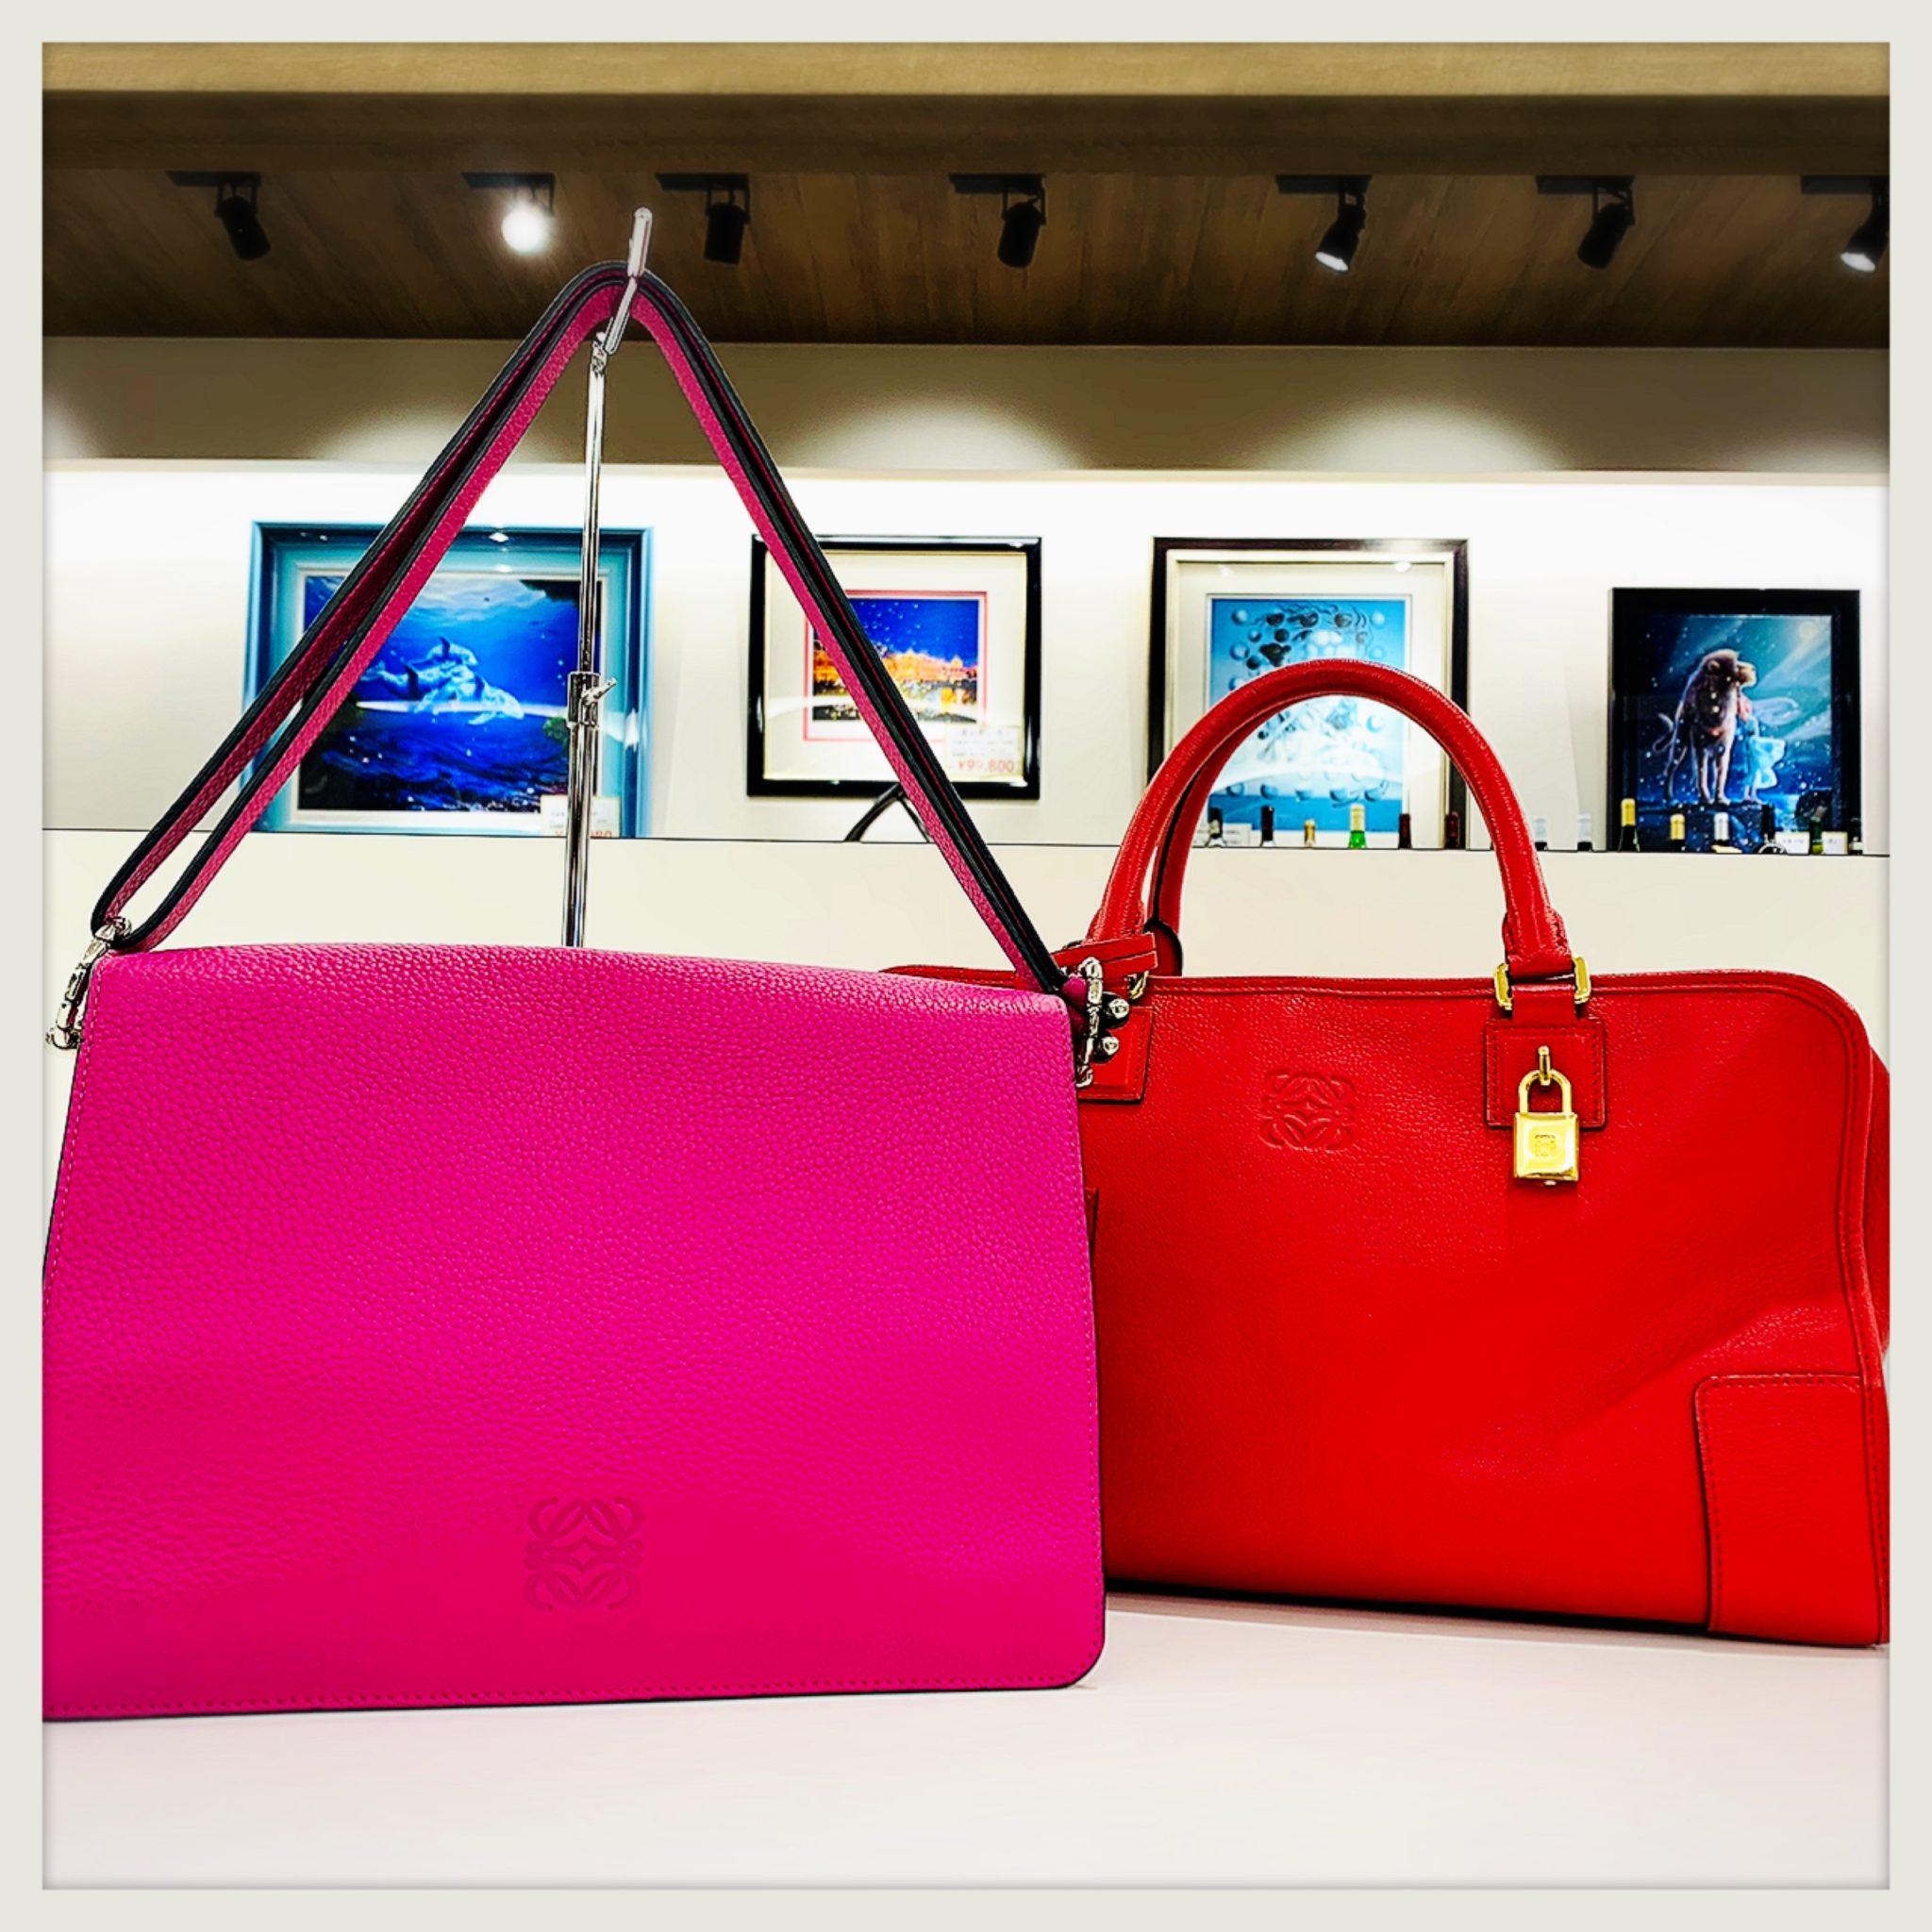 【ロエベ 販売 盛岡】今の季節に可愛いカラー♡ 冬のコーデに合わせたい LOEWE ロエベのバッグ